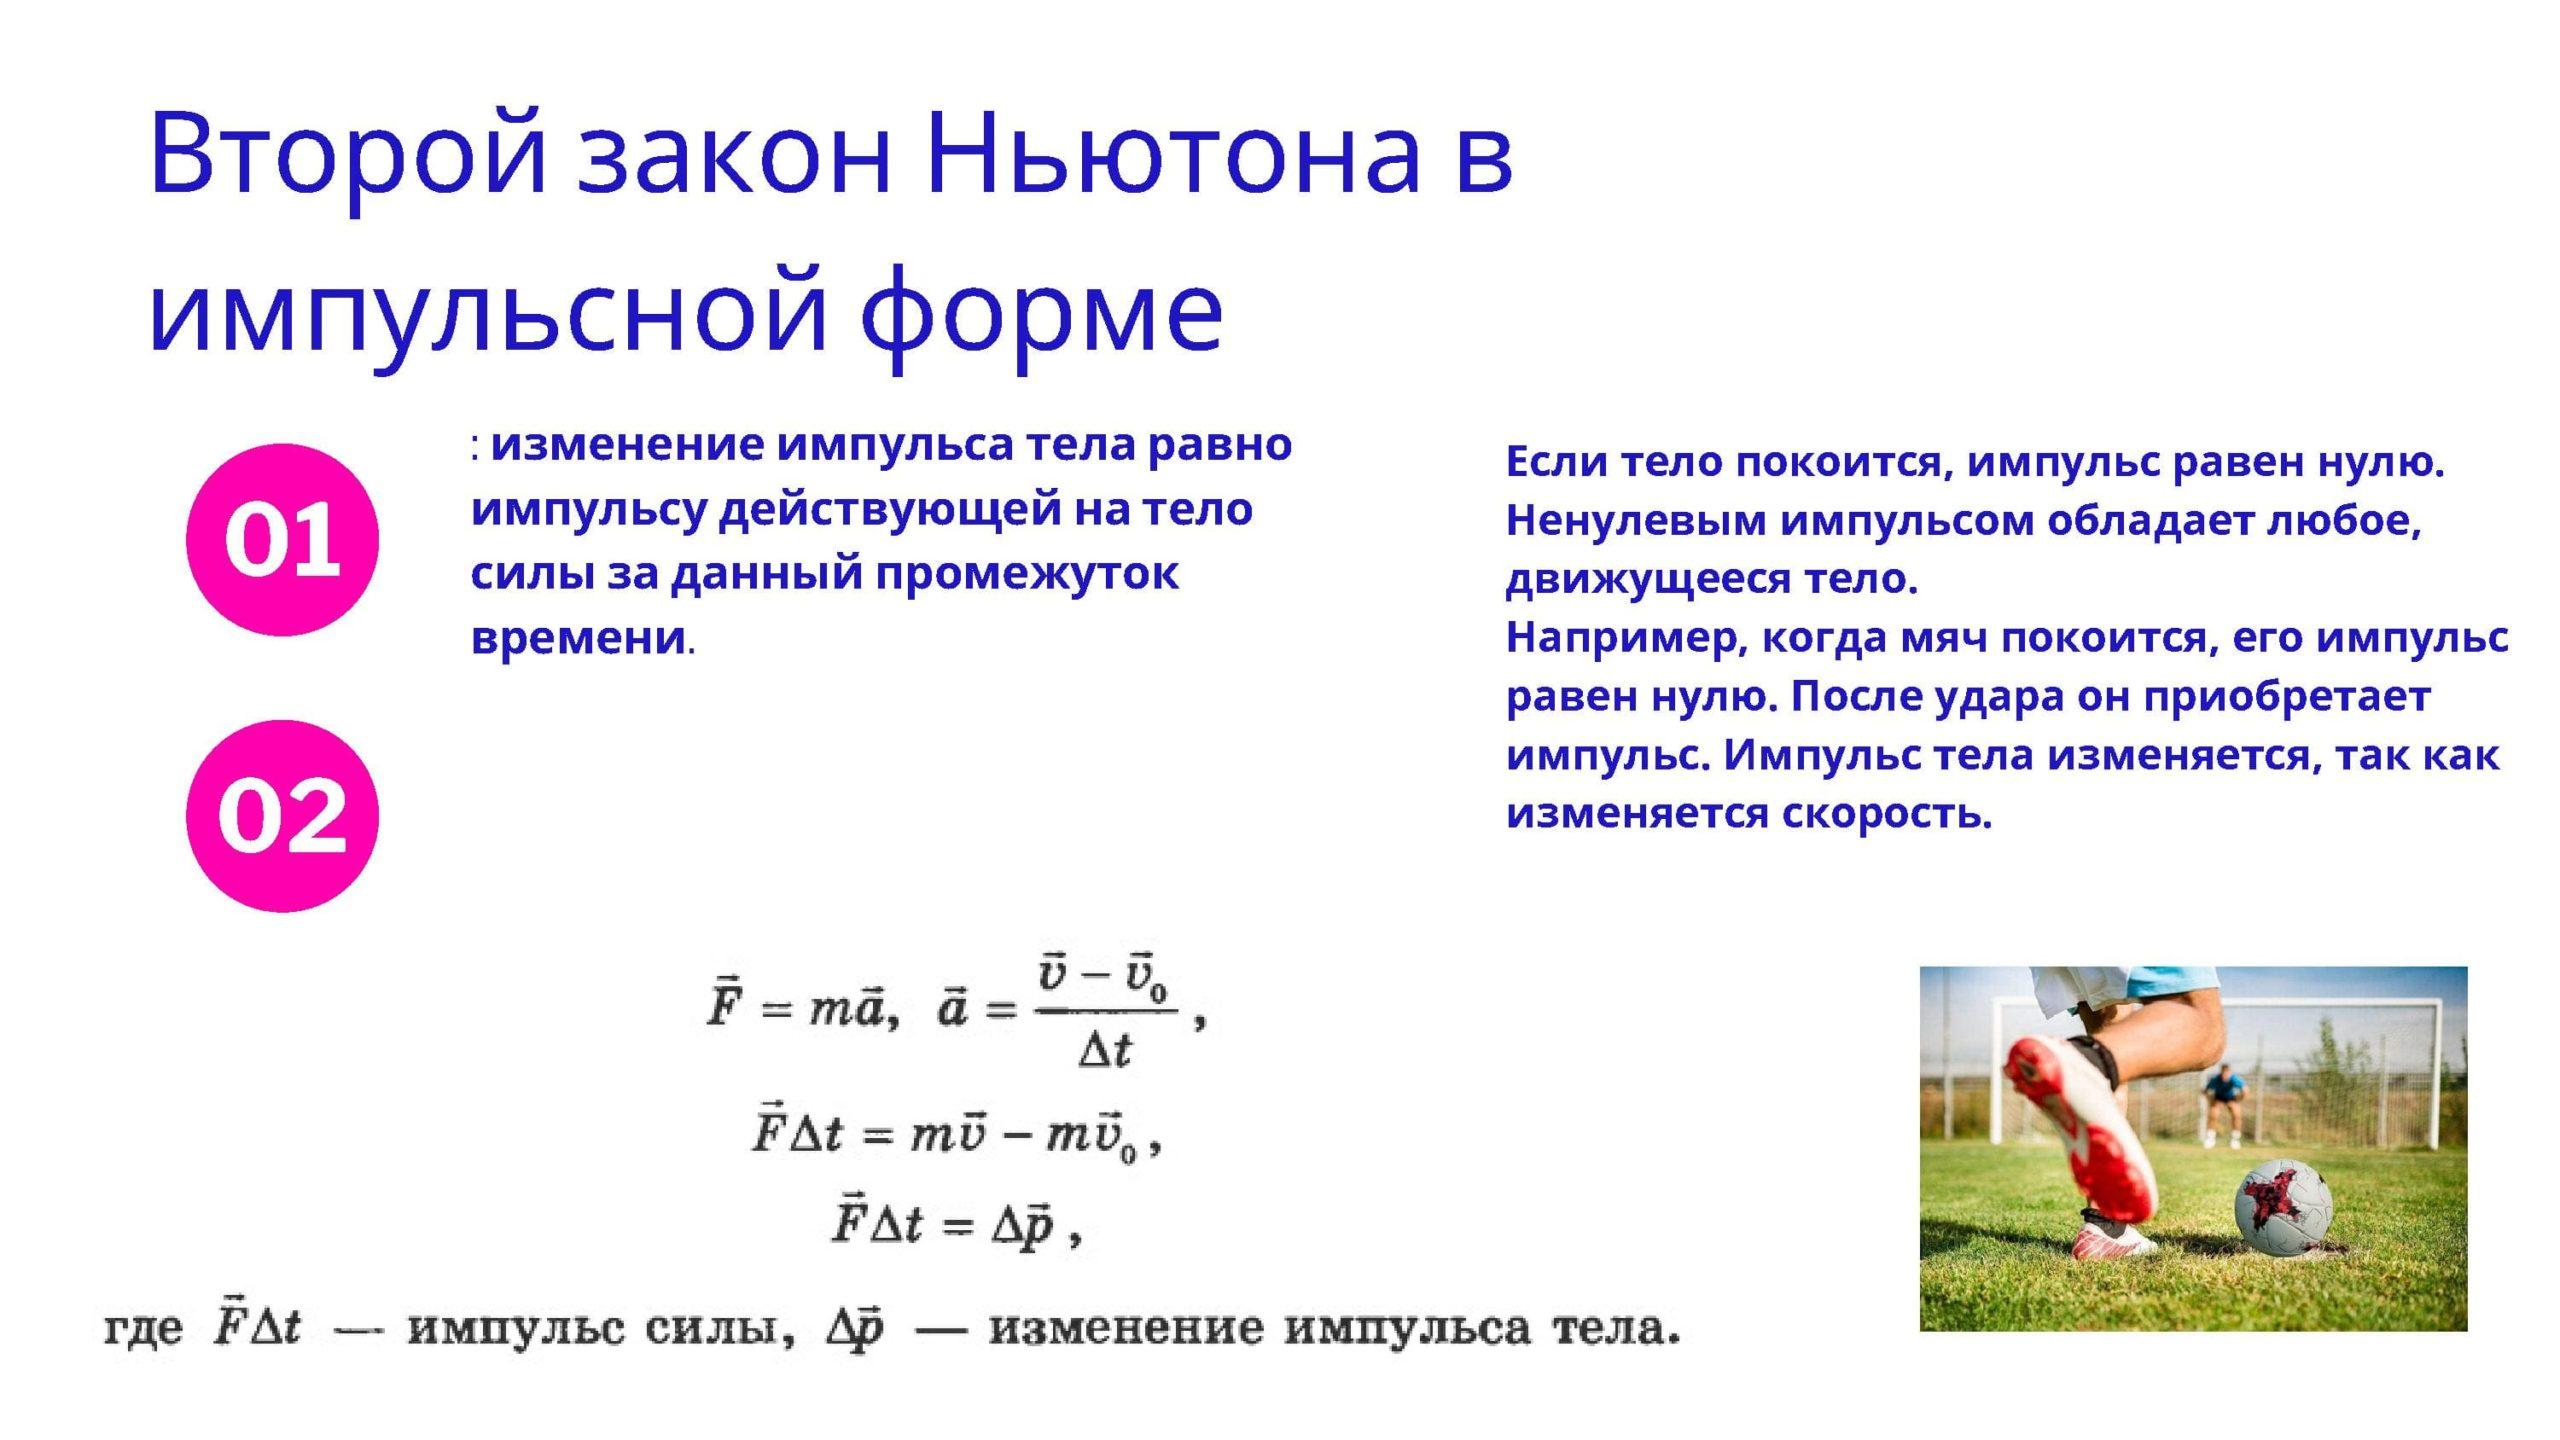 Второй закон Ньютона в импульсной форме